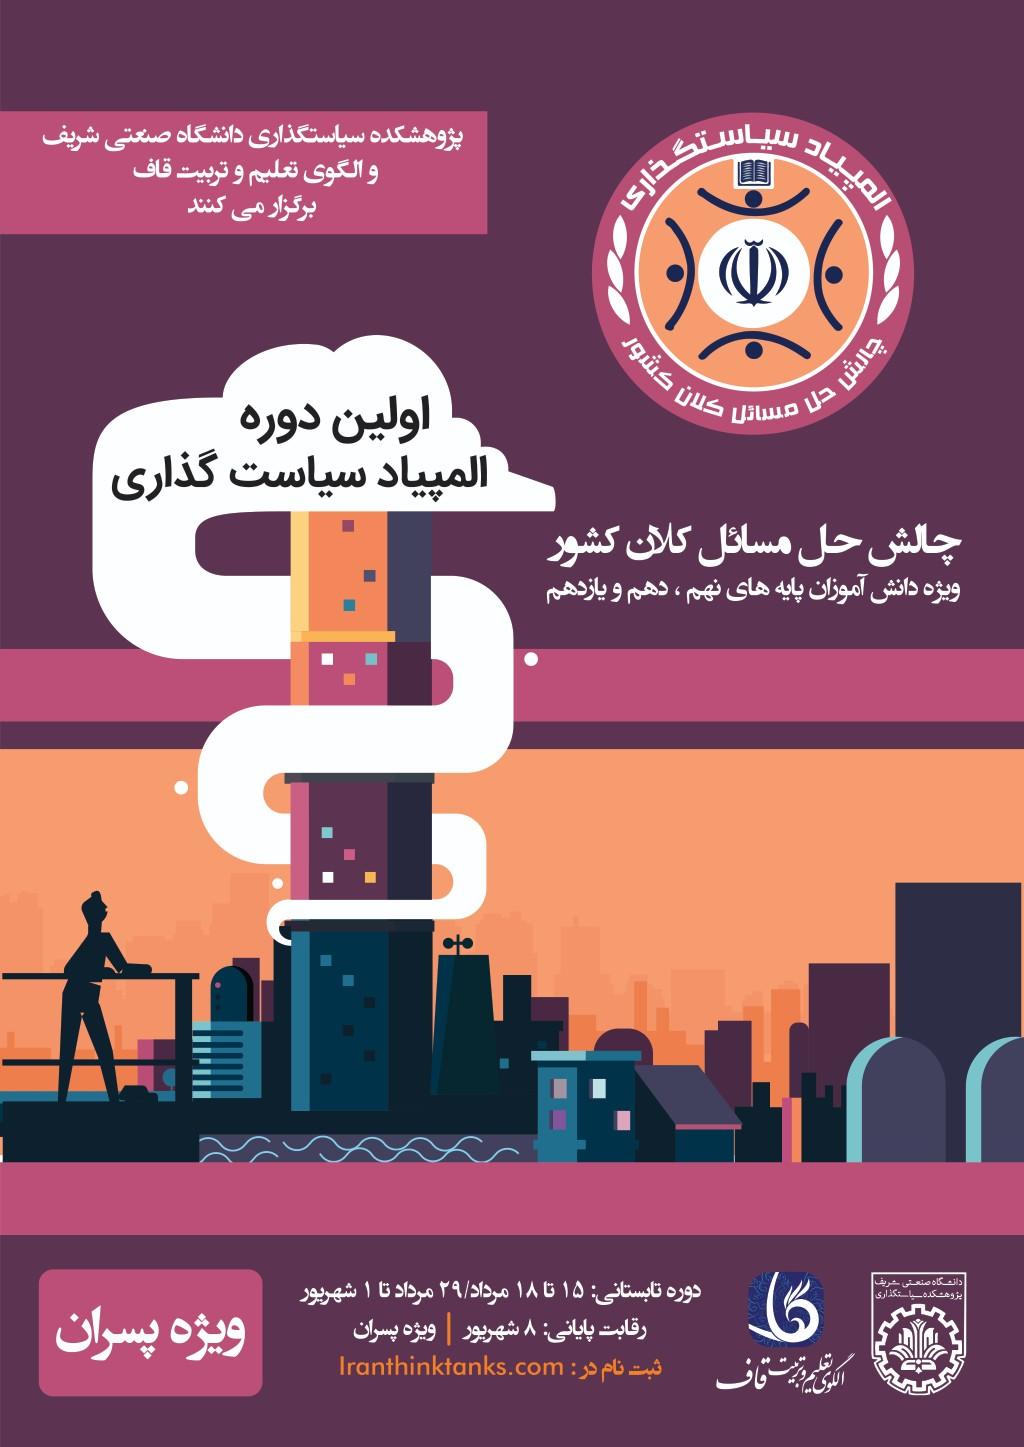 پوستر المپیاد دانش آموزی سیاستگذاری